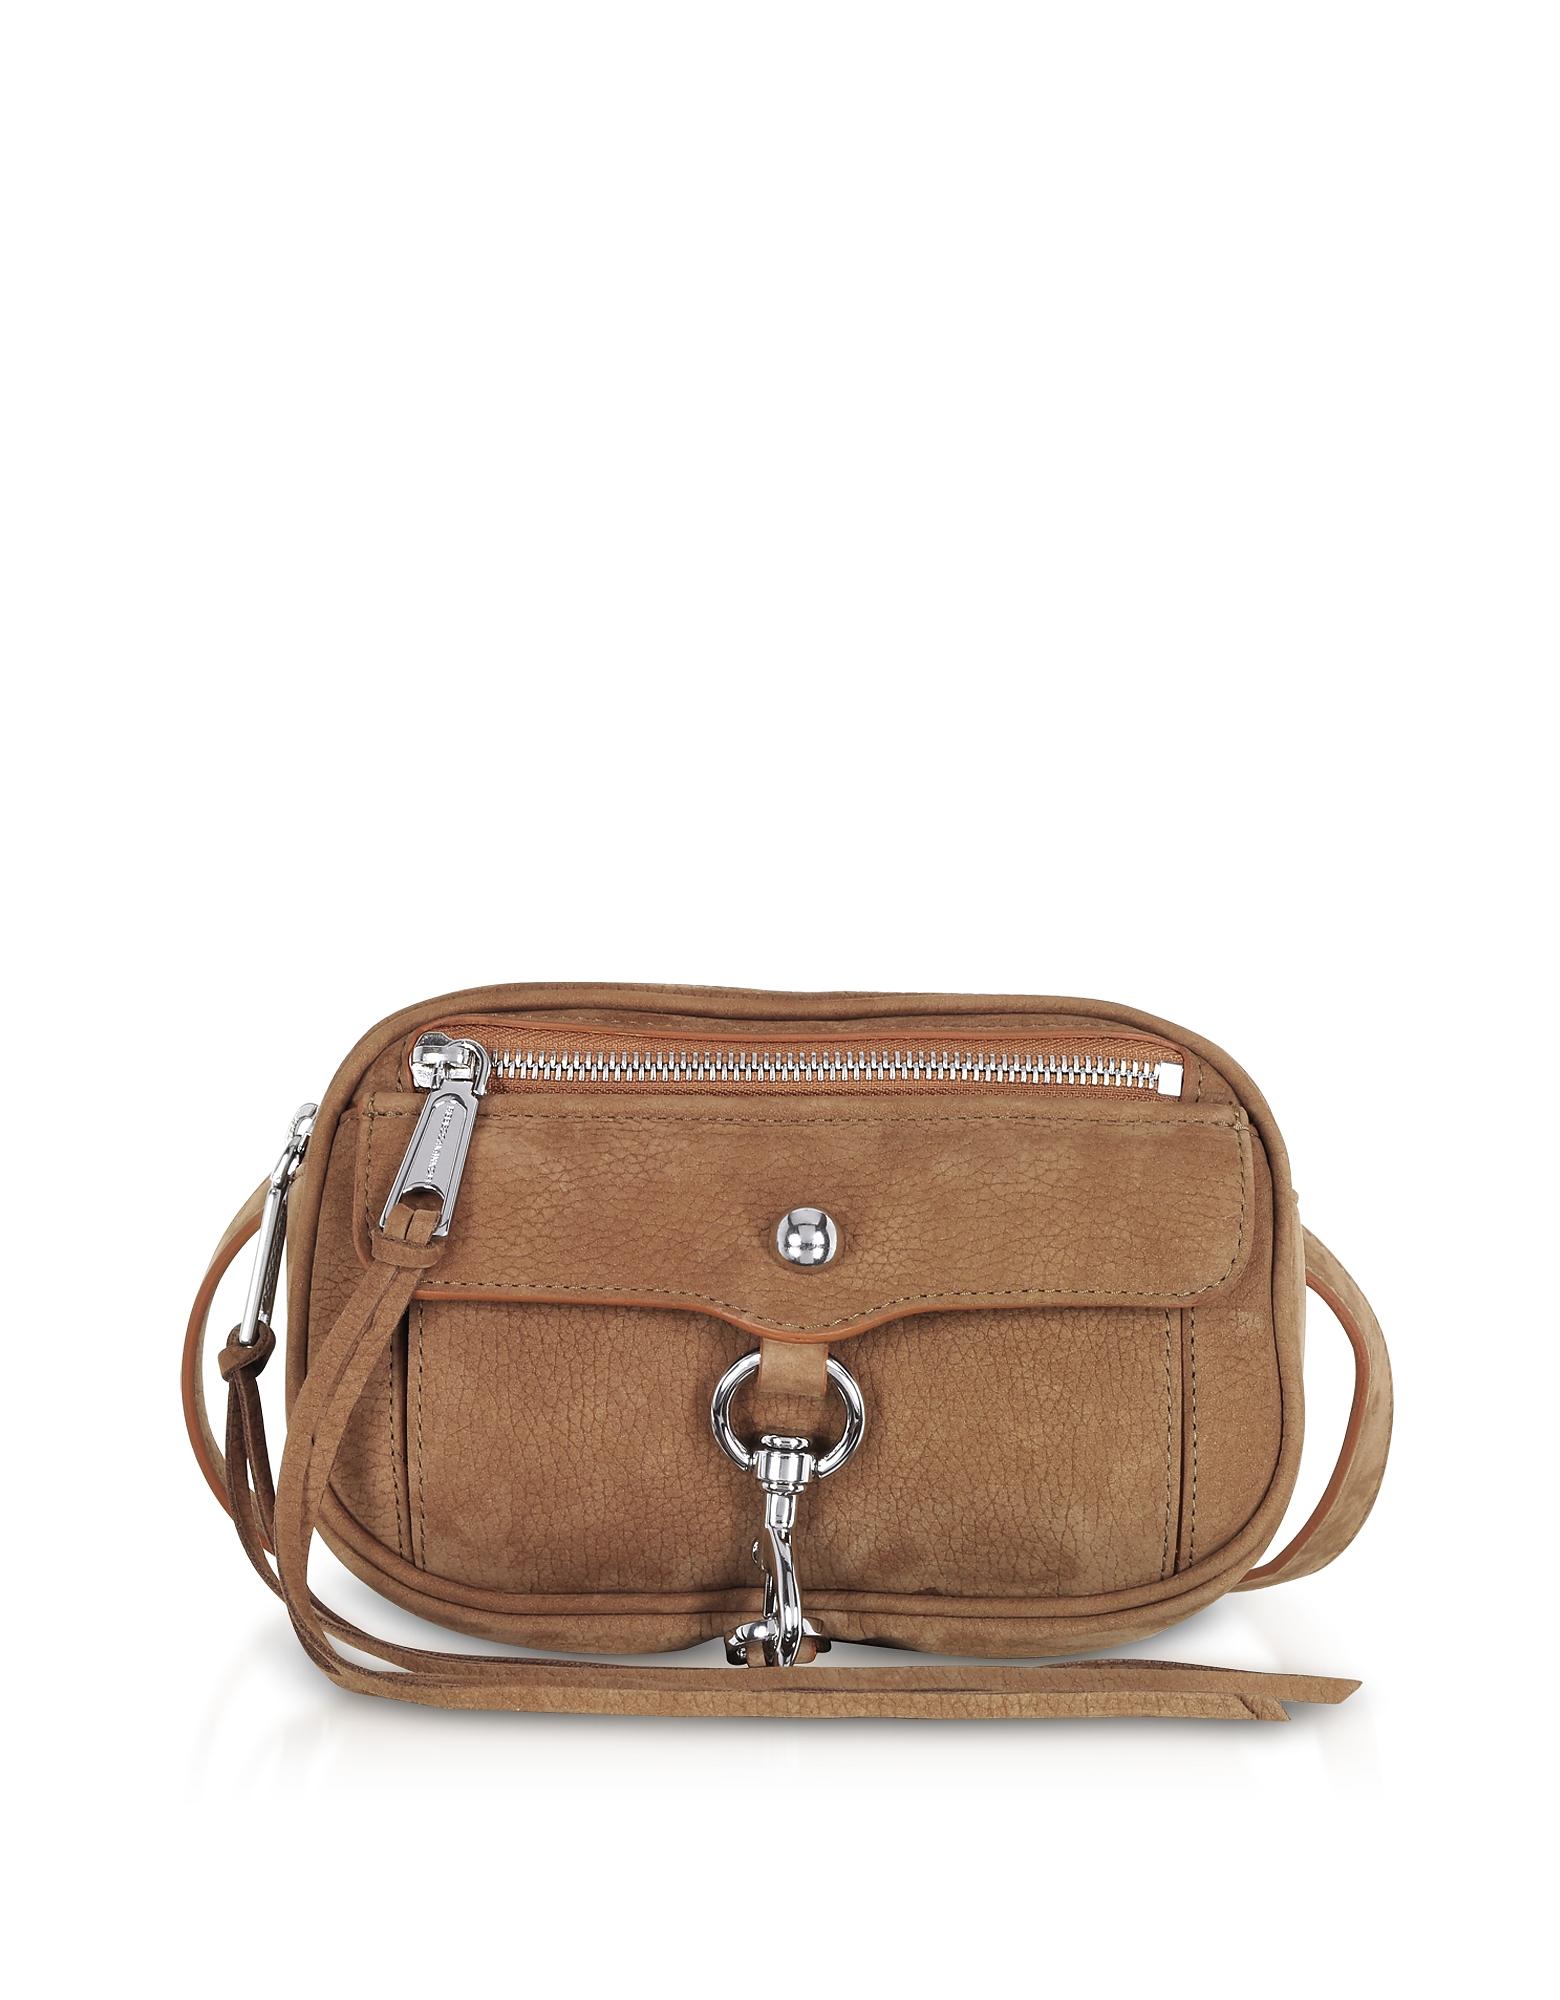 Image of Rebecca Minkoff Designer Handbags, Almond Leather Blythe Belt Bag